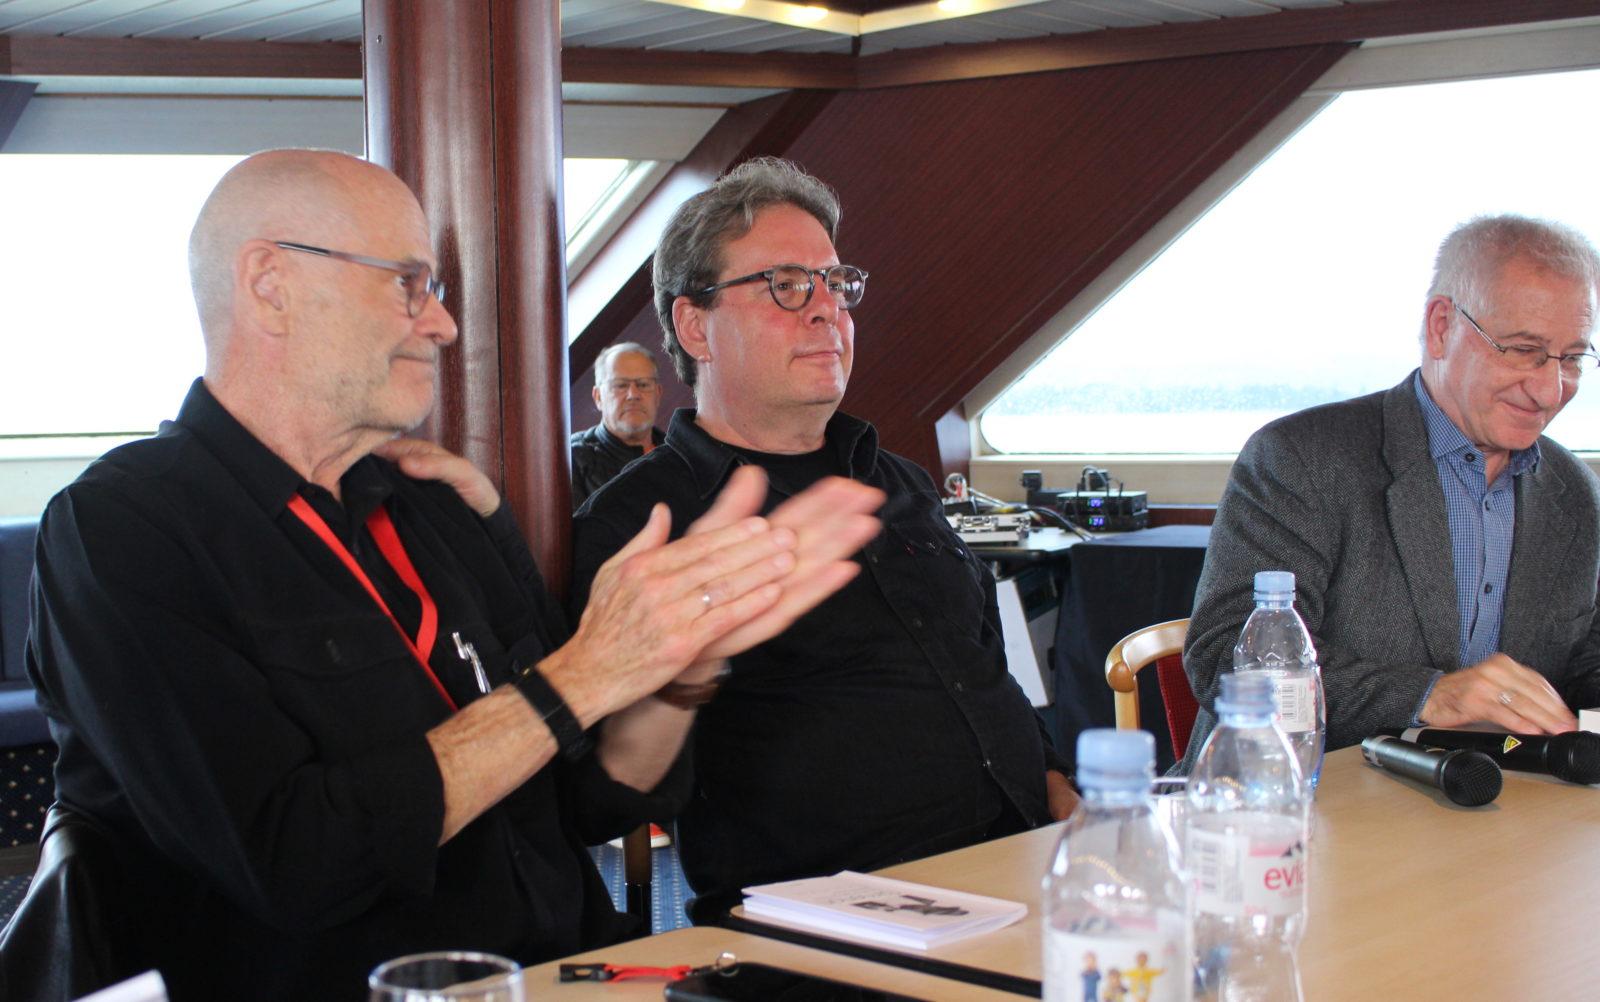 Conférence John Simenon, Douglas Kennedy, Laurent Fourcaut LSQ 2019